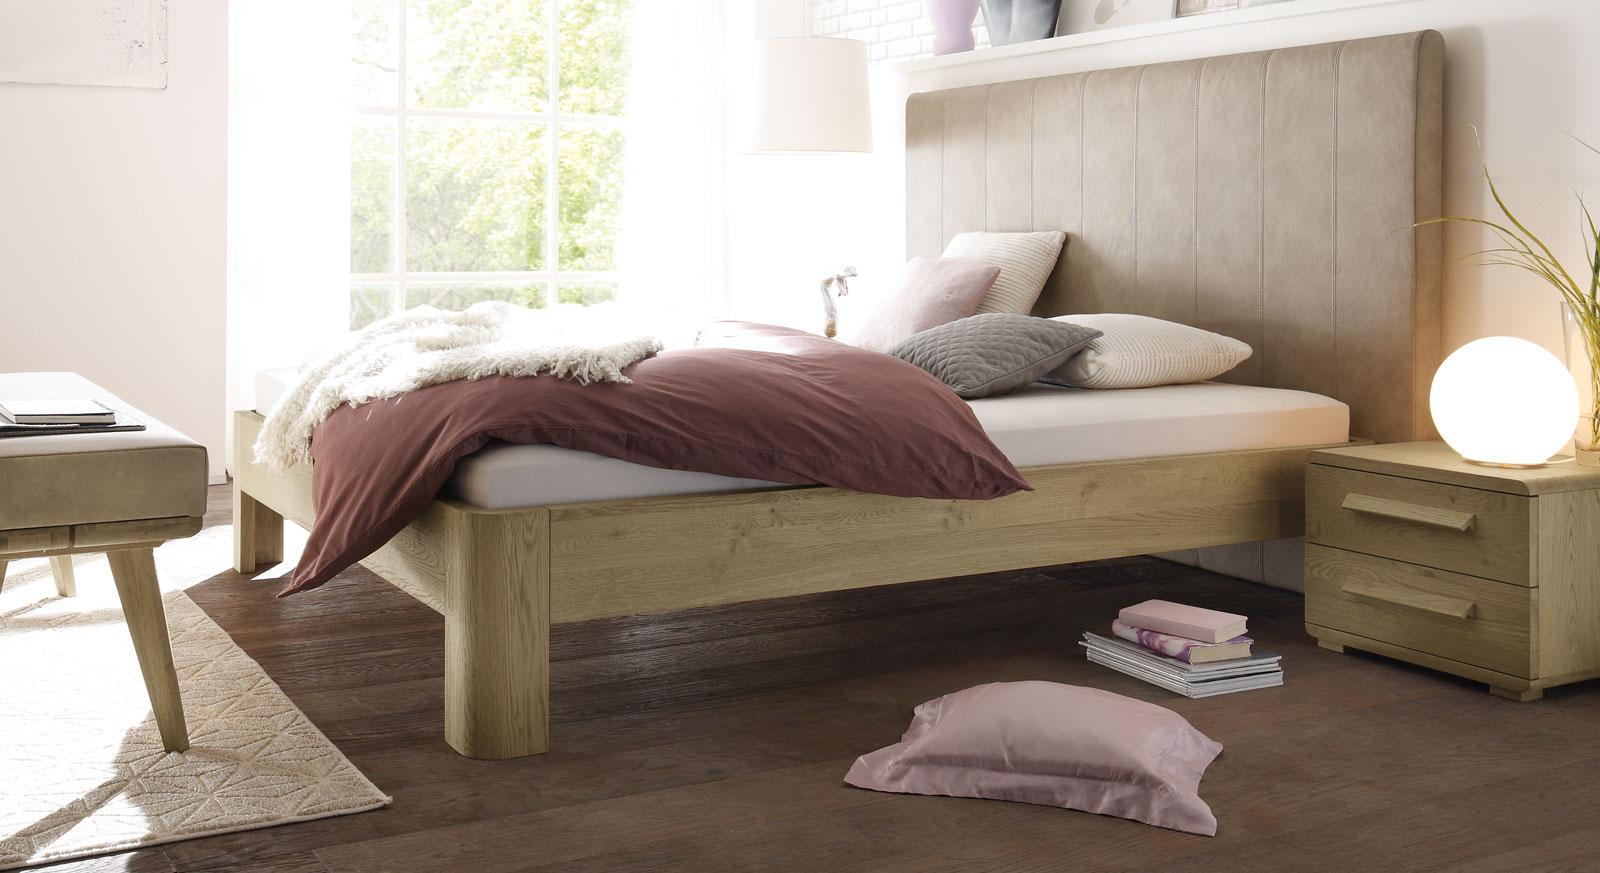 Bett Banco ist für viele Wasserbett-Systeme passend